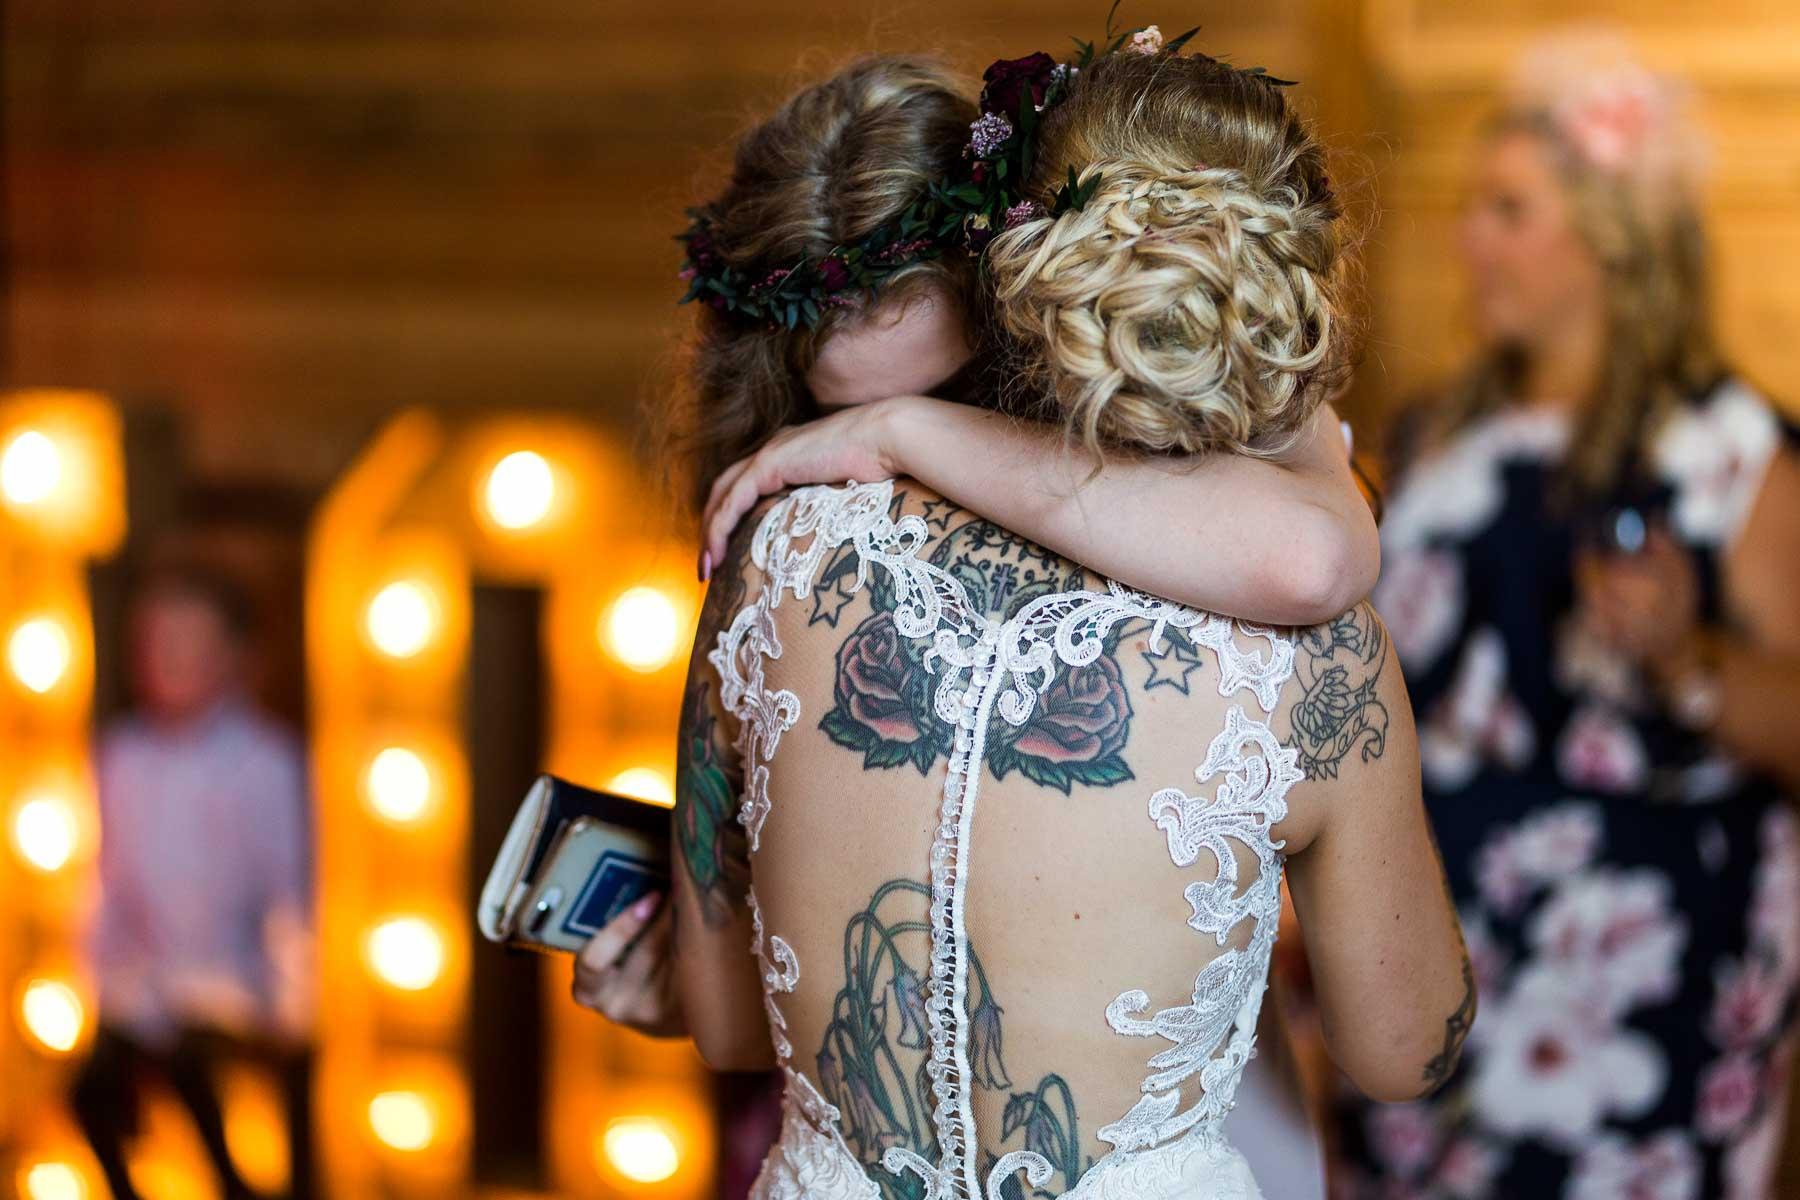 Bride embracing her daughter on the dance floor